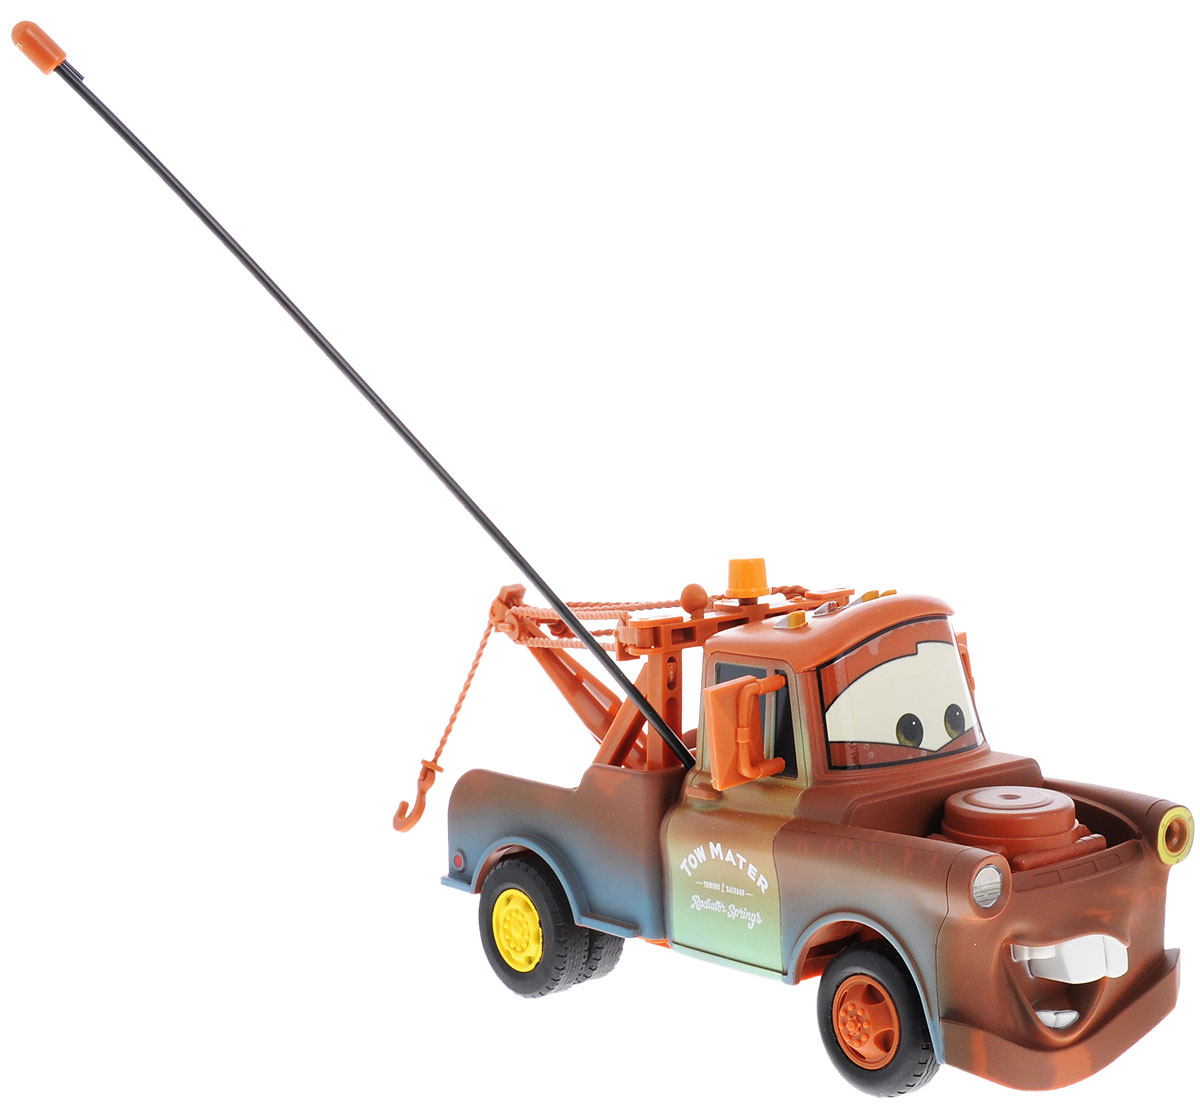 """Машина на радиоуправлении Dickie Toys """"Мэтр"""" несомненно понравится любому мальчишке. Игрушка выполнена в виде героя мультфильма """"Тачки"""" грузовика Мэтра. Детализированный корпус модели изготовлен из пластика, колесики прорезинены, что обеспечивает надежное сцепление с любой гладкой поверхностью. Пульт управления позволяет автомобилю двигаться, вперед, назад, влево и вправо, а также обеспечивает точный контроль над скоростью движения автомобиля, позволяя использовать режим """"турбо"""". Машинка дополнена подвижным подъемным краном. Ваш ребенок часами будет играть с моделью, придумывая различные истории и устраивая соревнования. Порадуйте его таким замечательным подарком! Для работы автомобиля необходимо докупить 3 батарейки типа АА (в комплект не входят). Для работы пульта управления необходимо докупить 3 батарейки типа ААА (в комплект не входят)."""